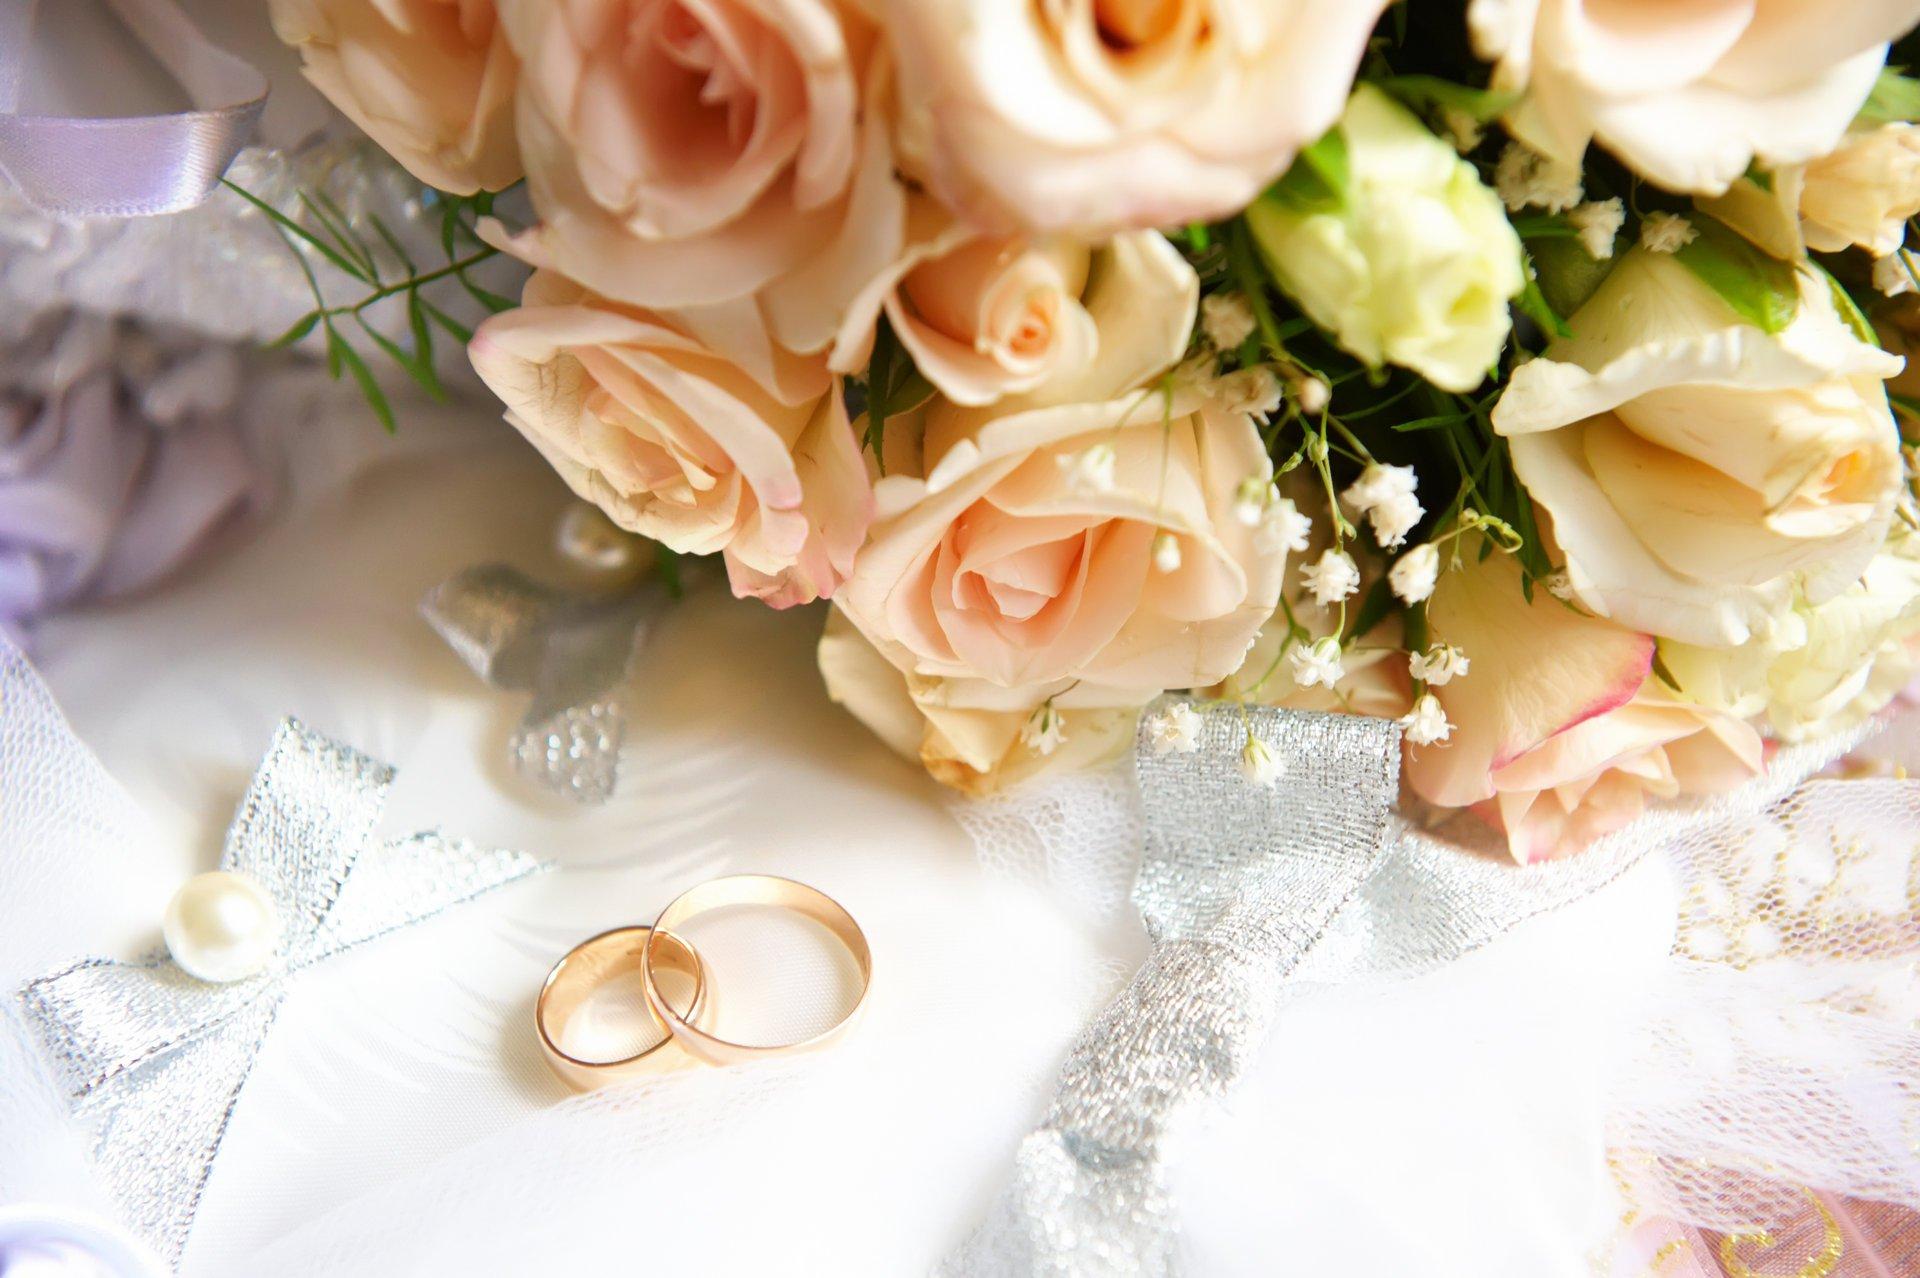 Прикольные гифки, открытки свадебные фотографии